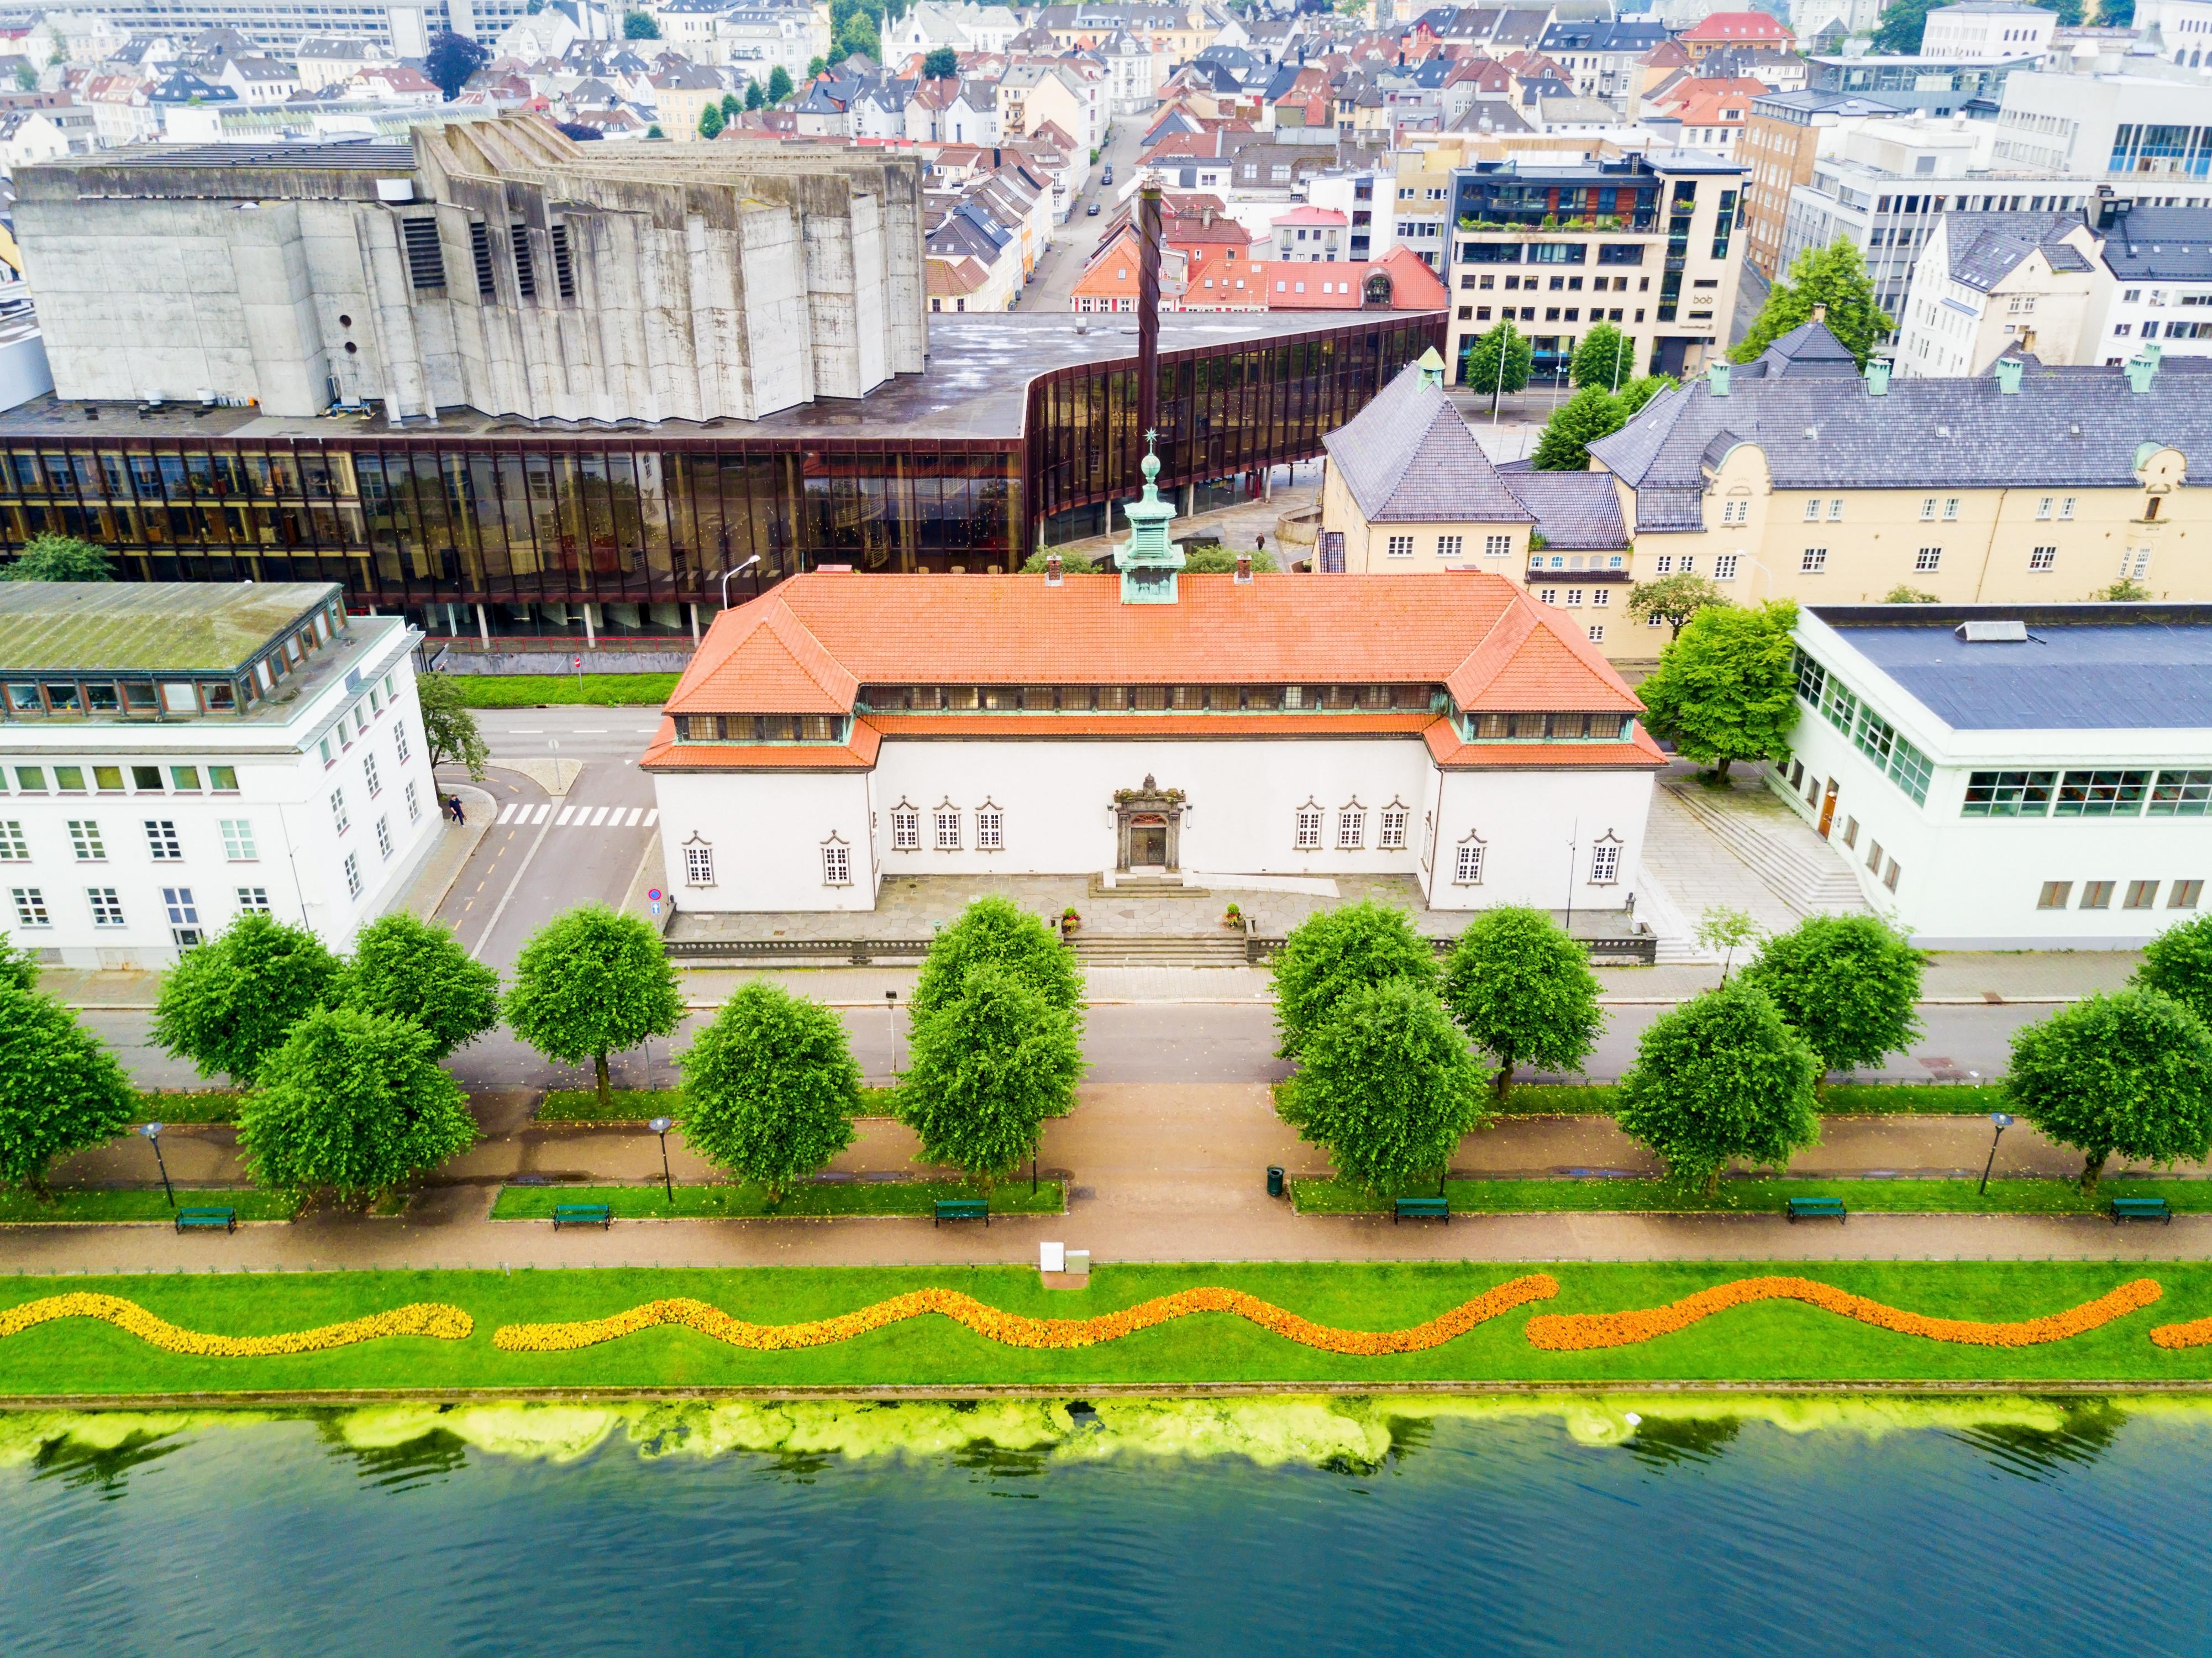 Los museos Kode en Bergen, una experiencia única con el arte - Noruega Circuito Cabo Norte, Laponia y Fiordos